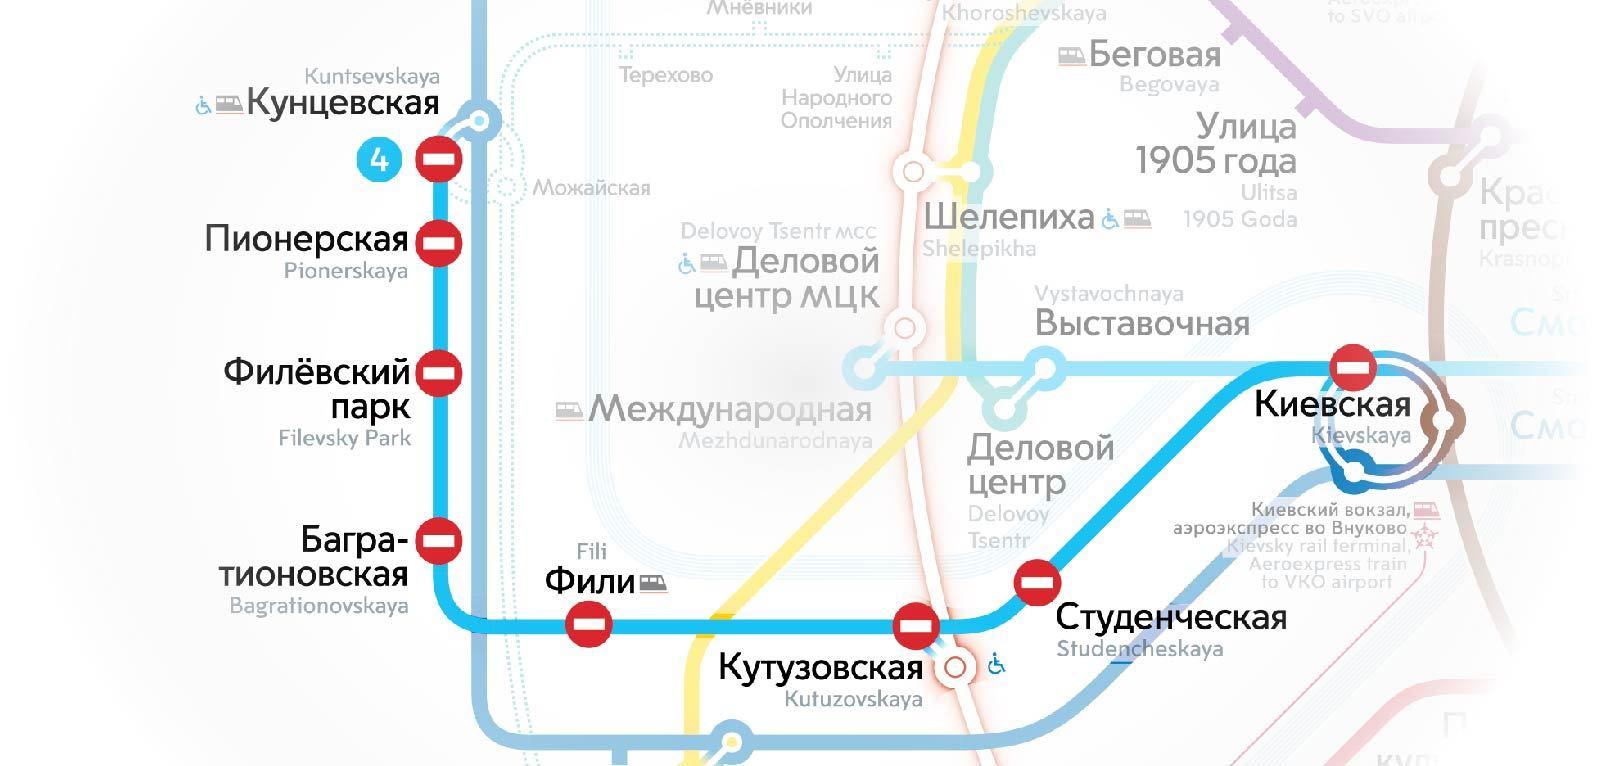 Ремонт на Филевской ветке метро